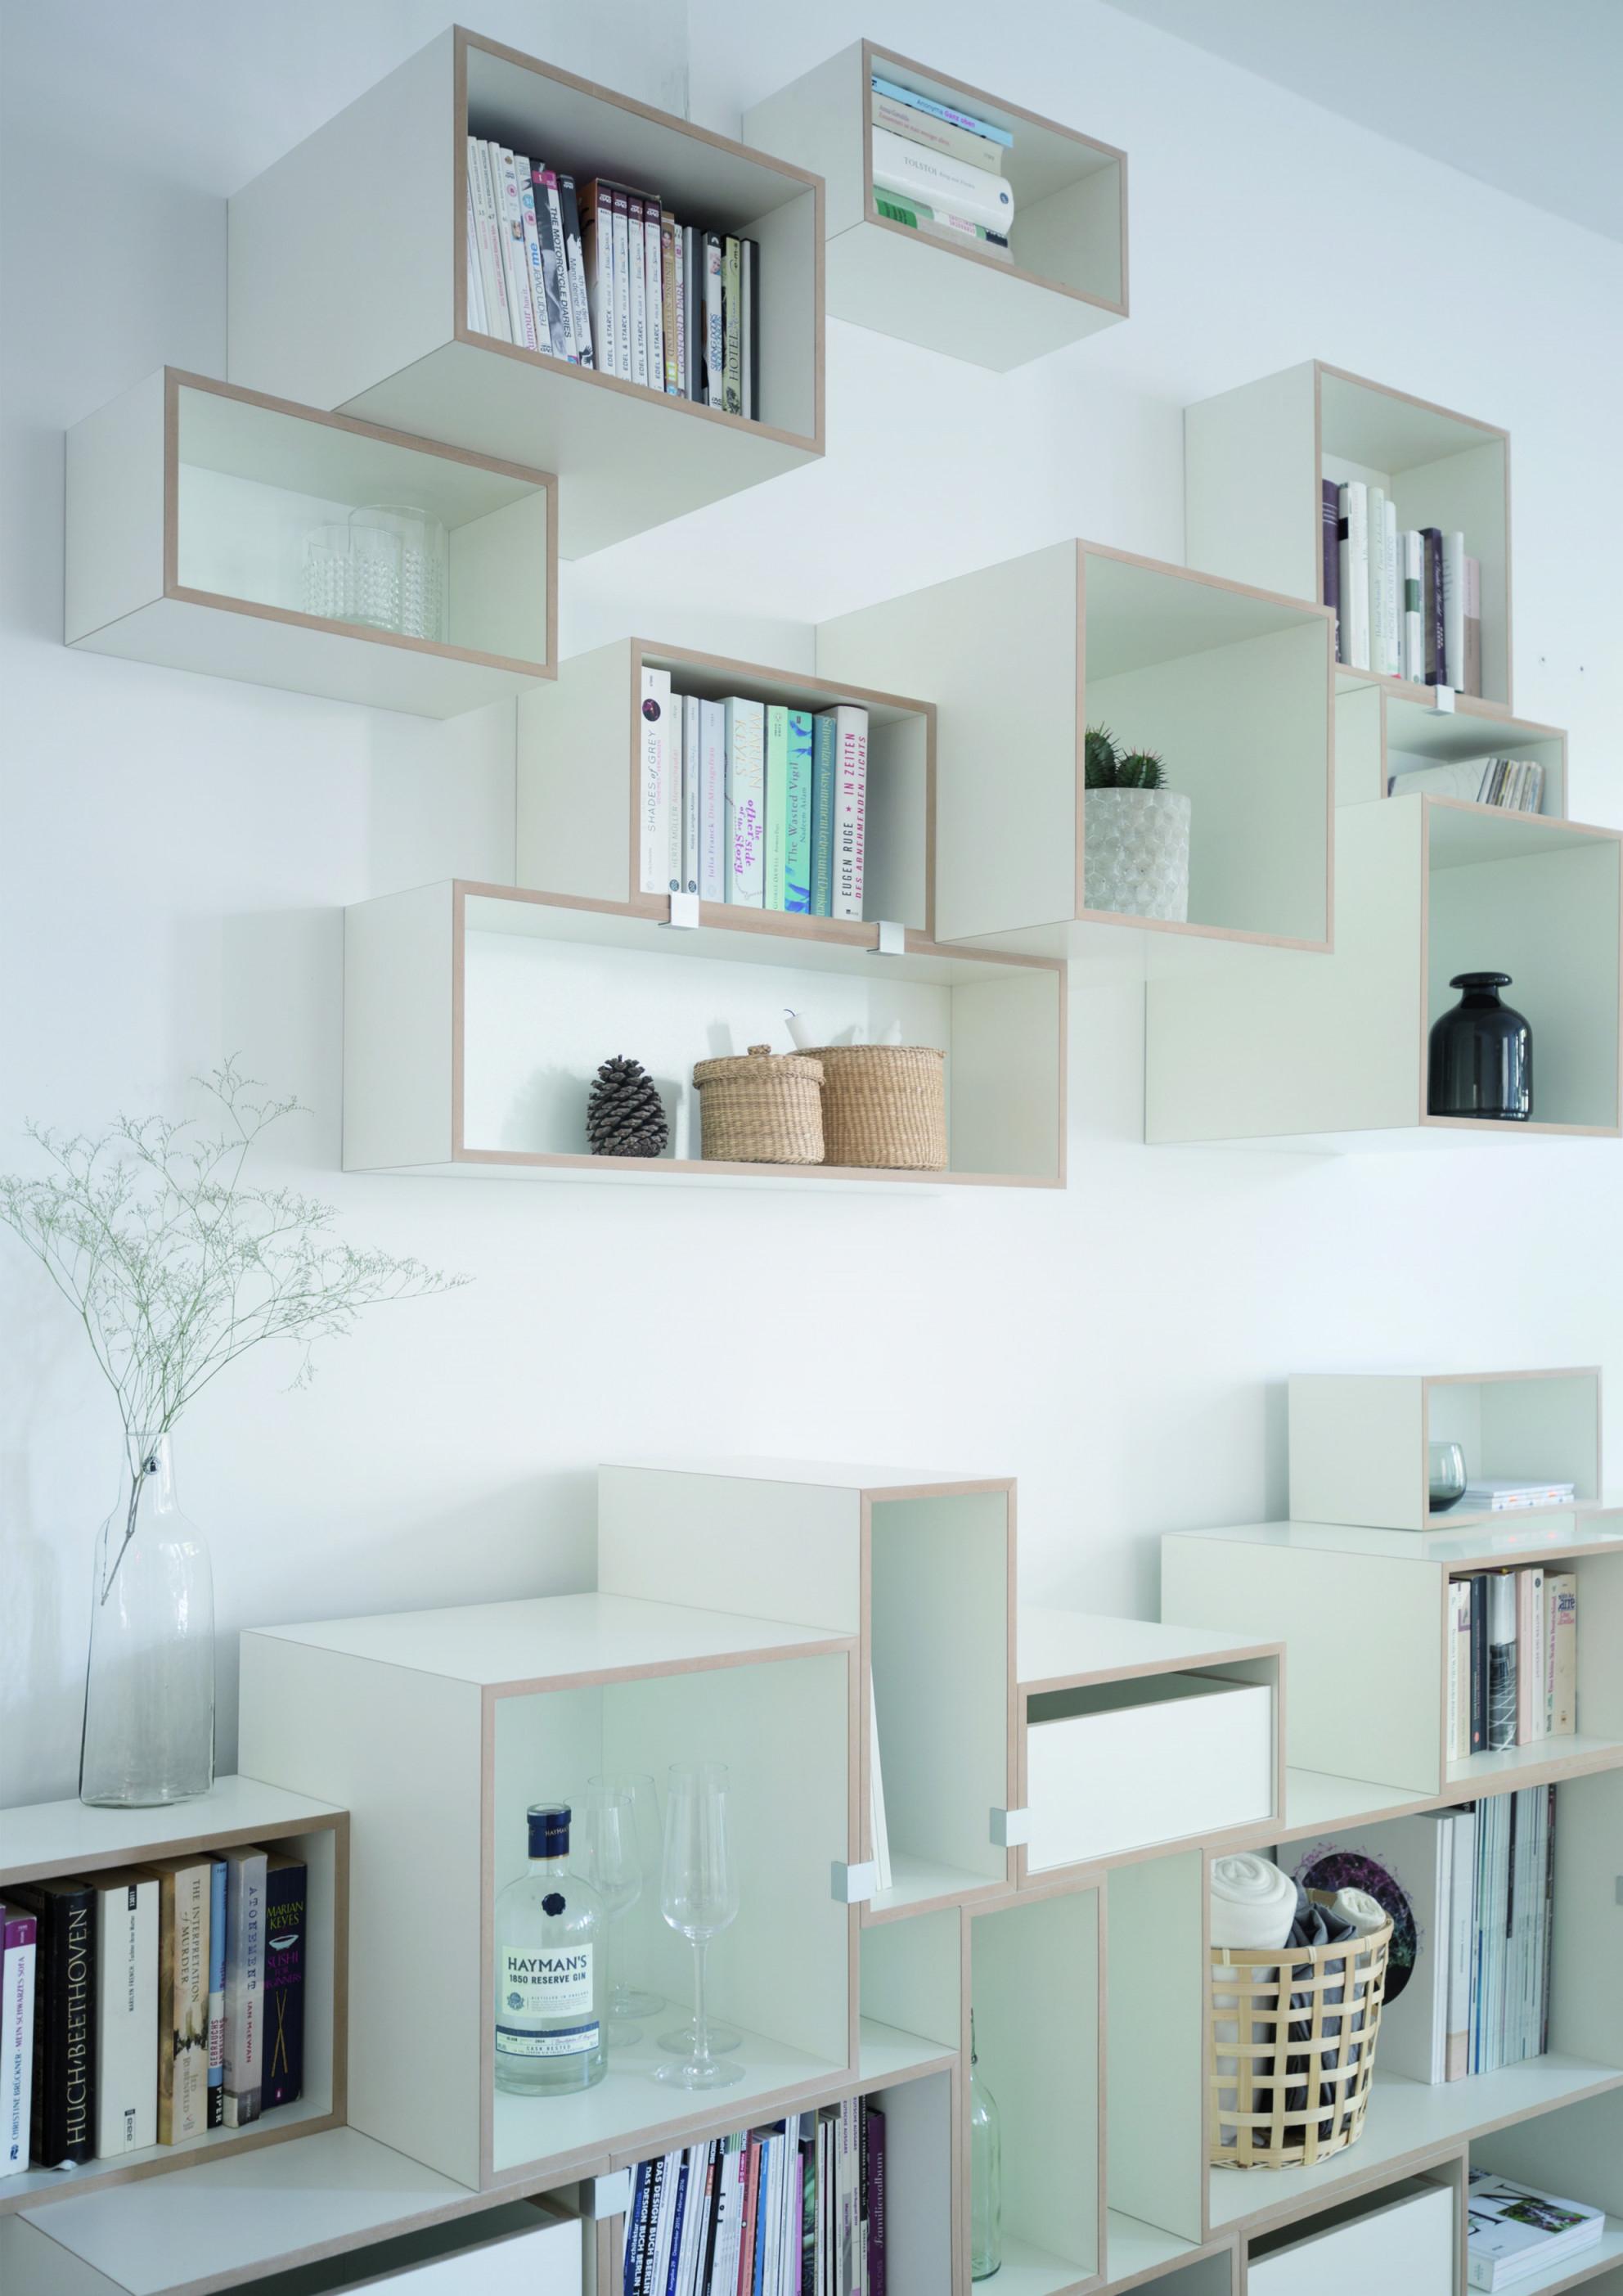 Wohnzimmer Inspiration Regalsystem Einrichtung Wohnen von Wandregal Wohnzimmer Ideen Photo